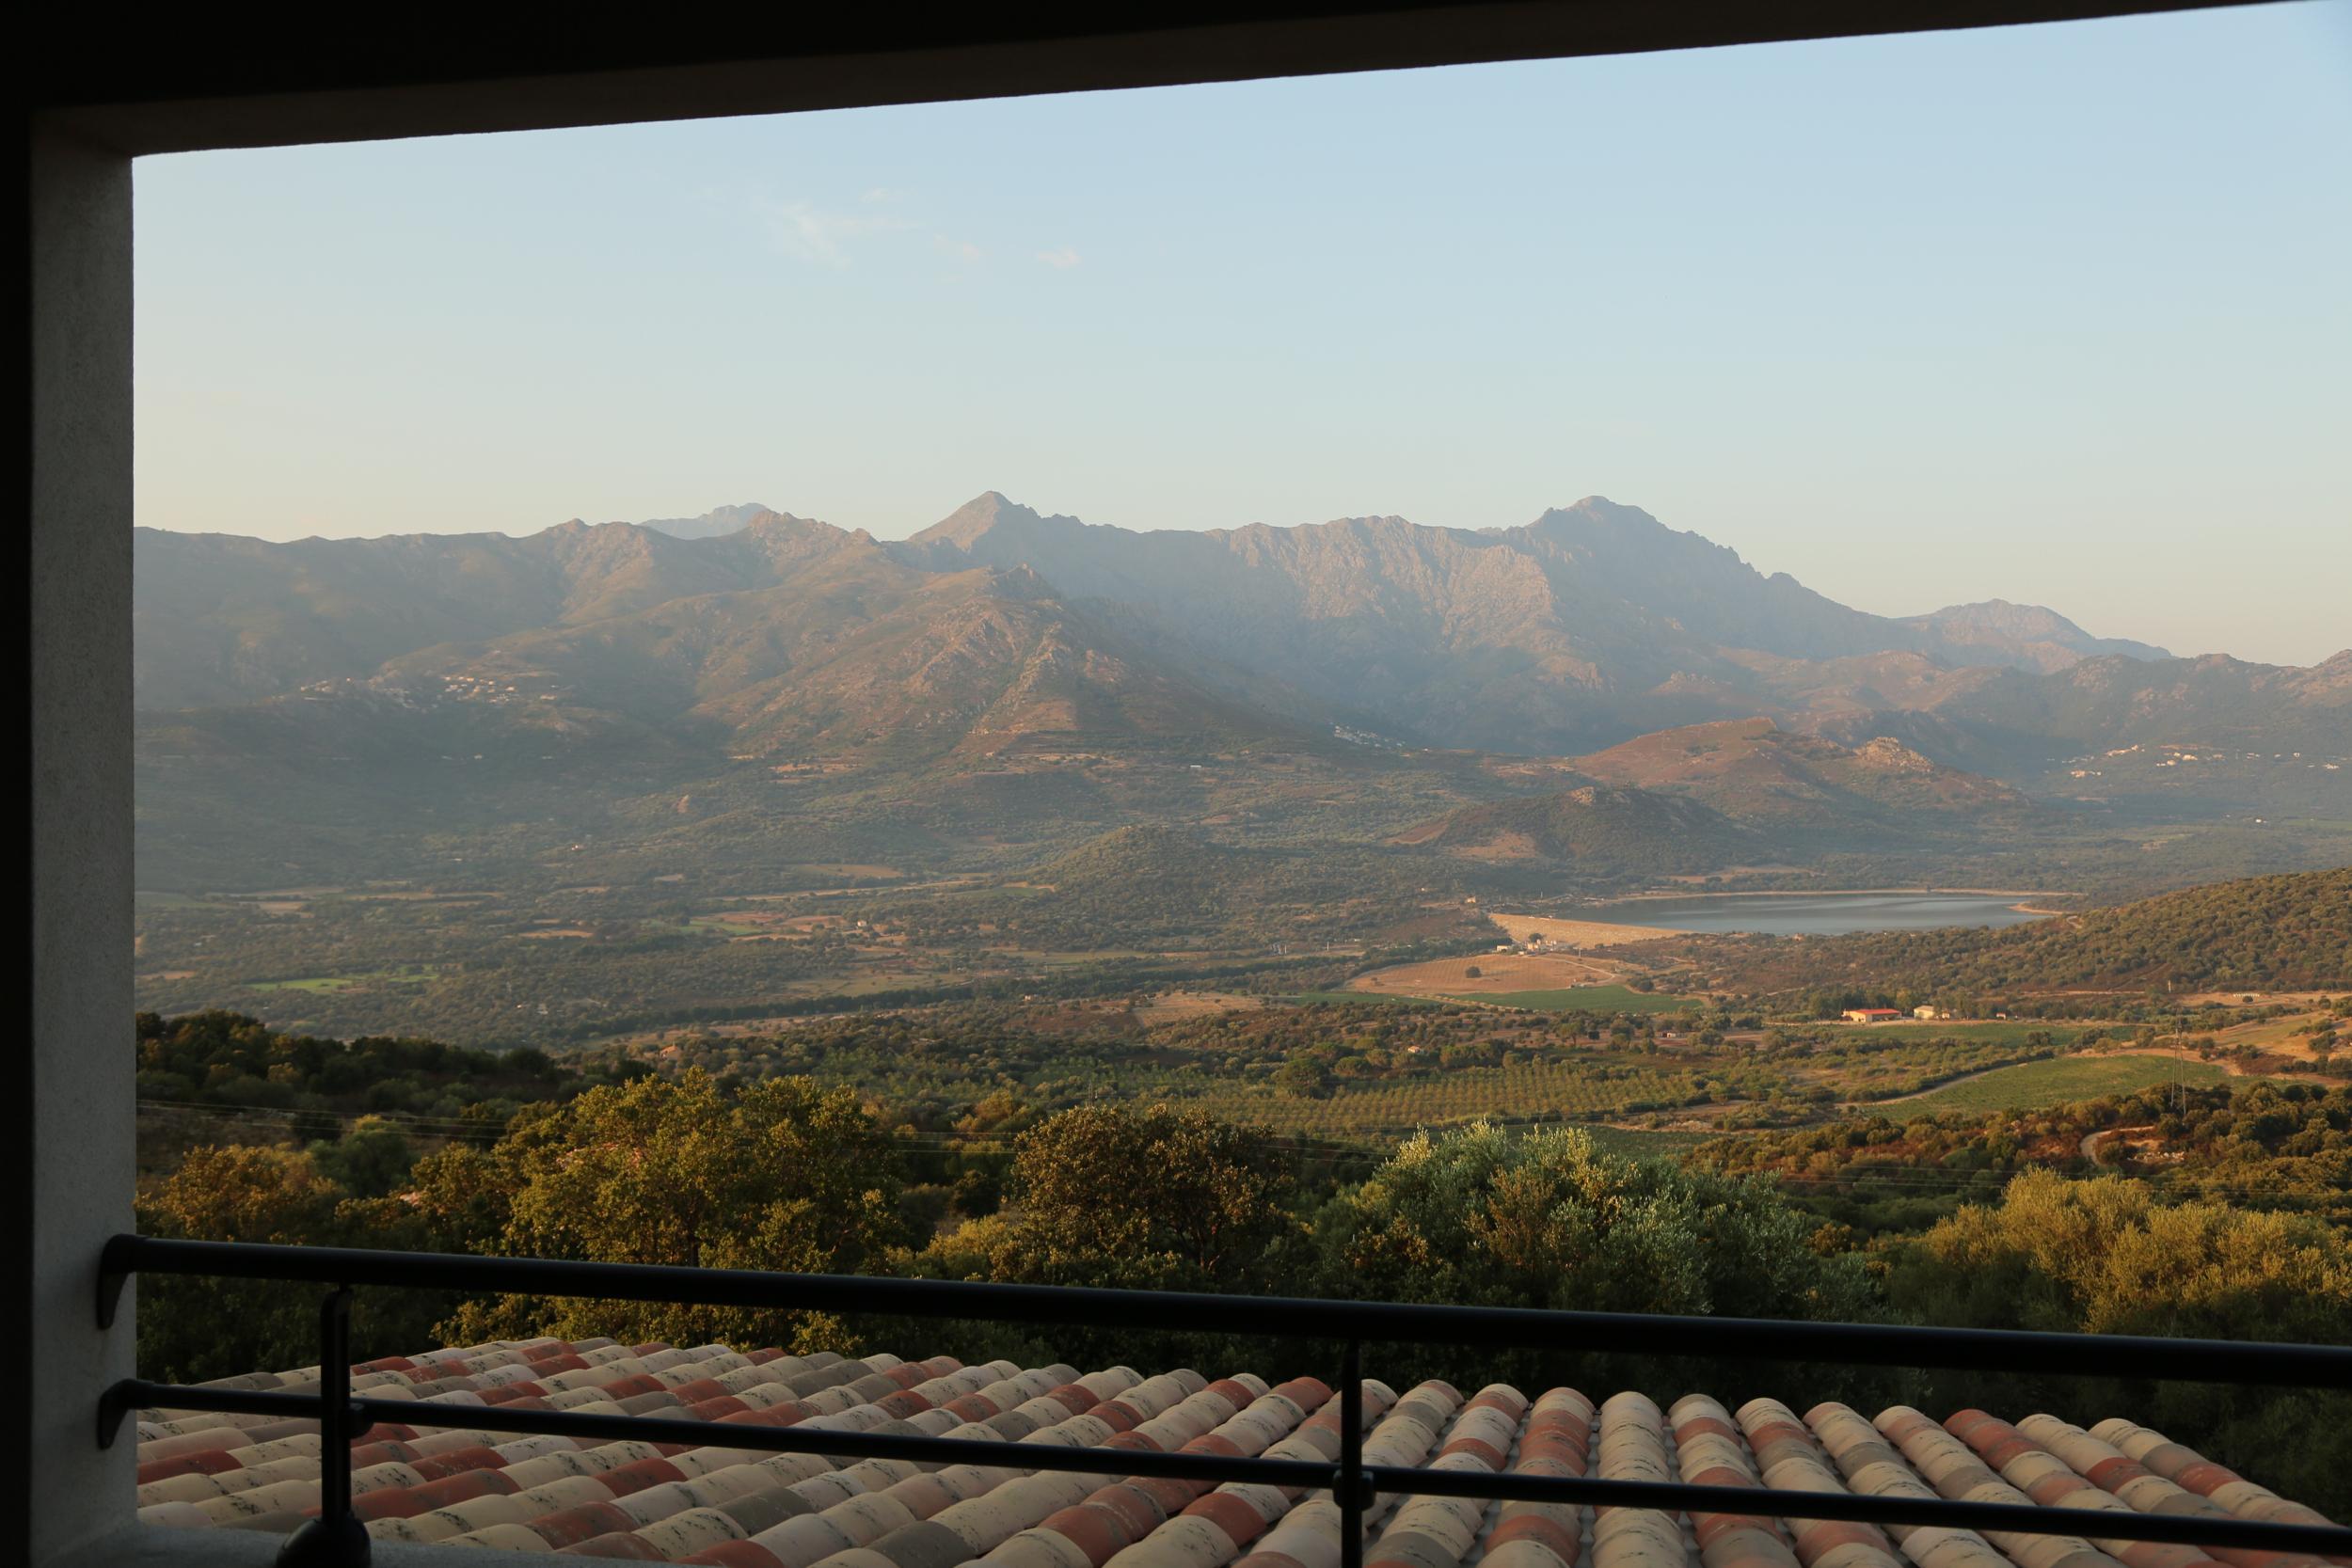 A Piattatella bedroom view